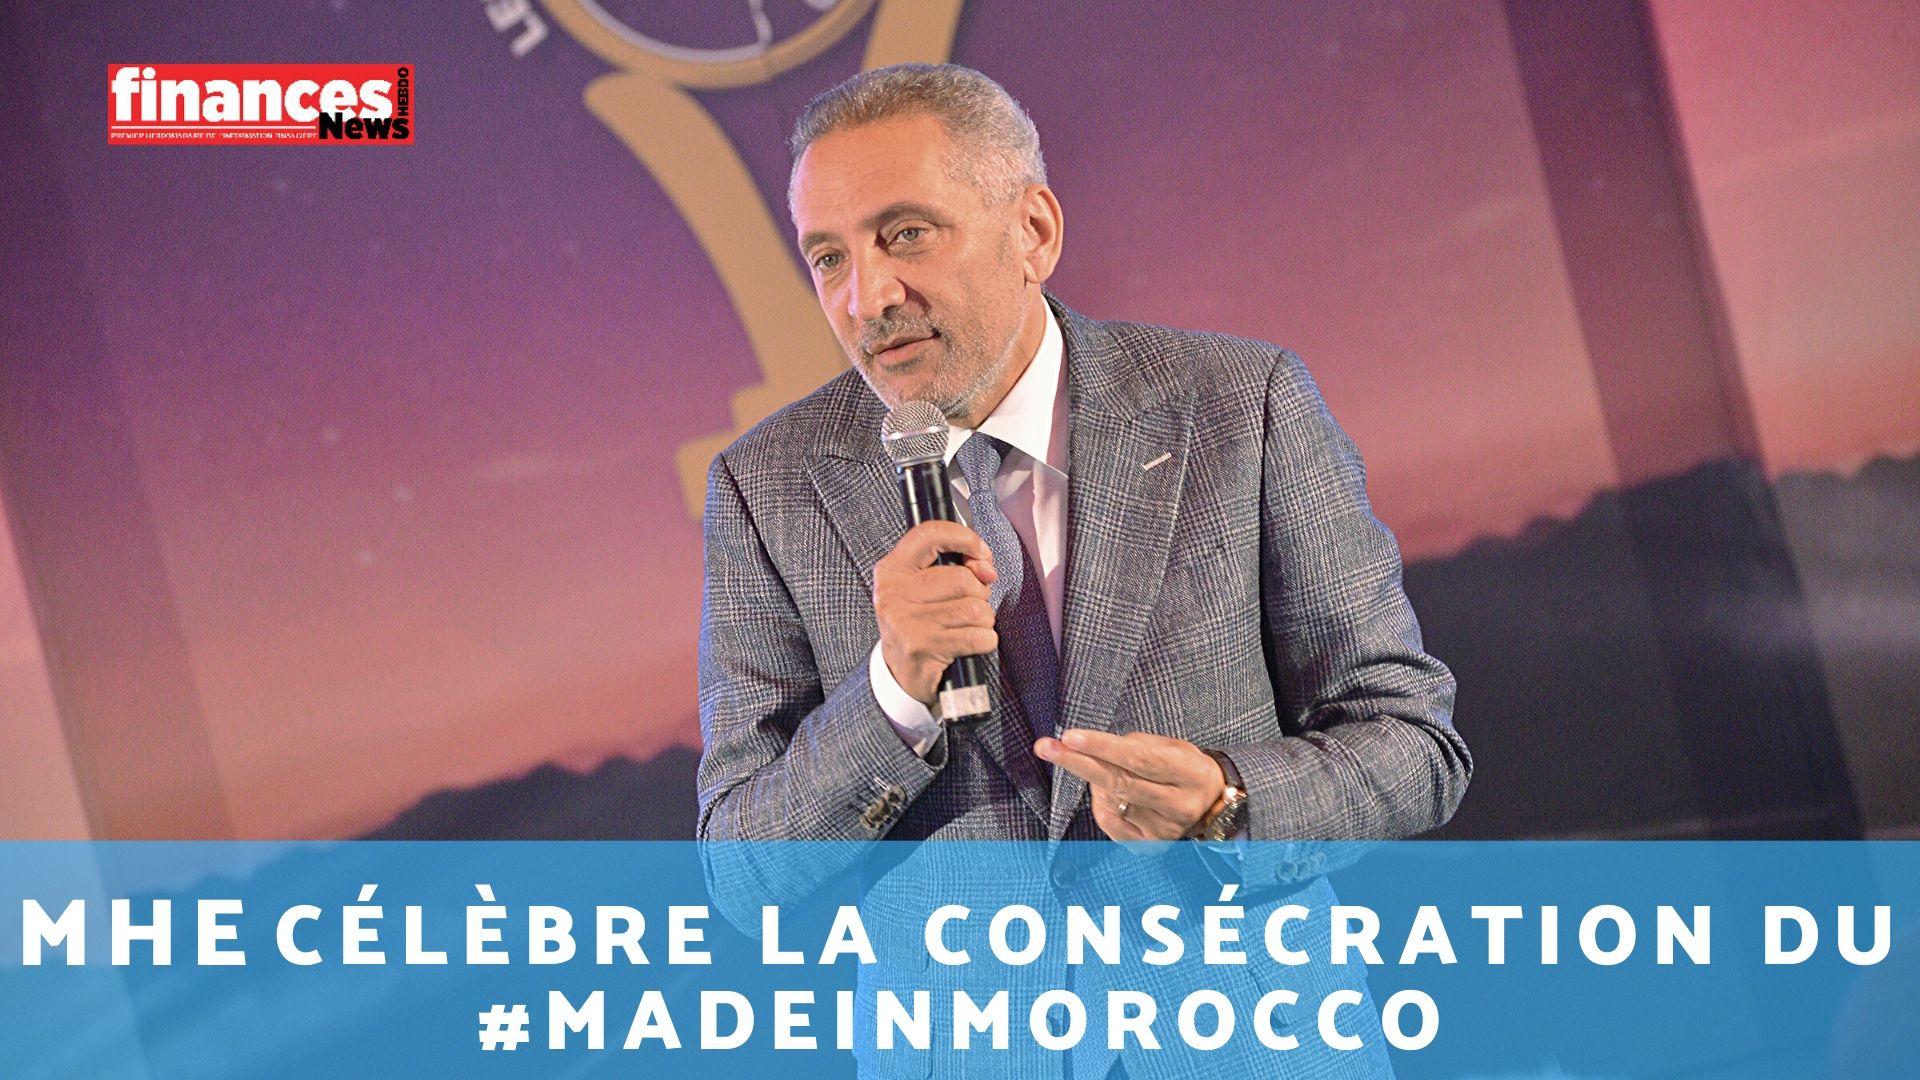 Peugeot 208 Voiture de l'année 2020 : MHE célèbre la consécration du Made in Morocco